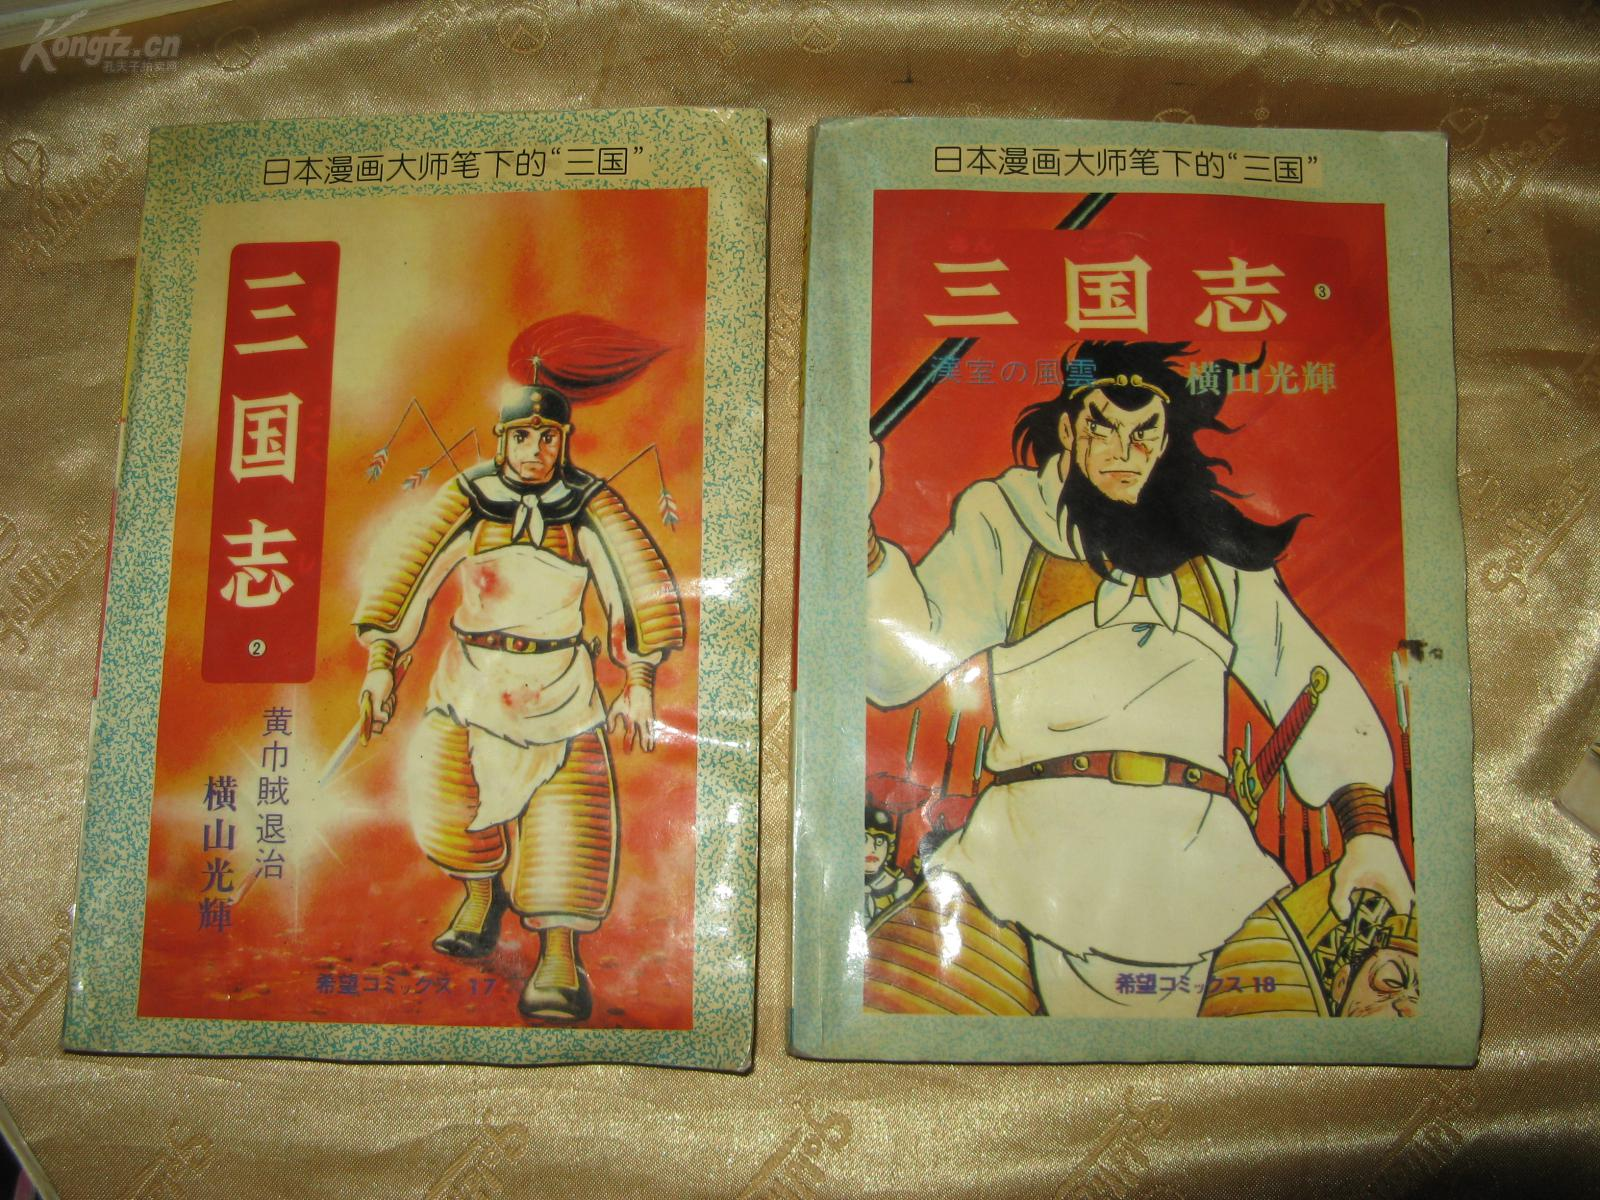 【图】日本漫画《三国志》2本星石漫画的同人苍图片